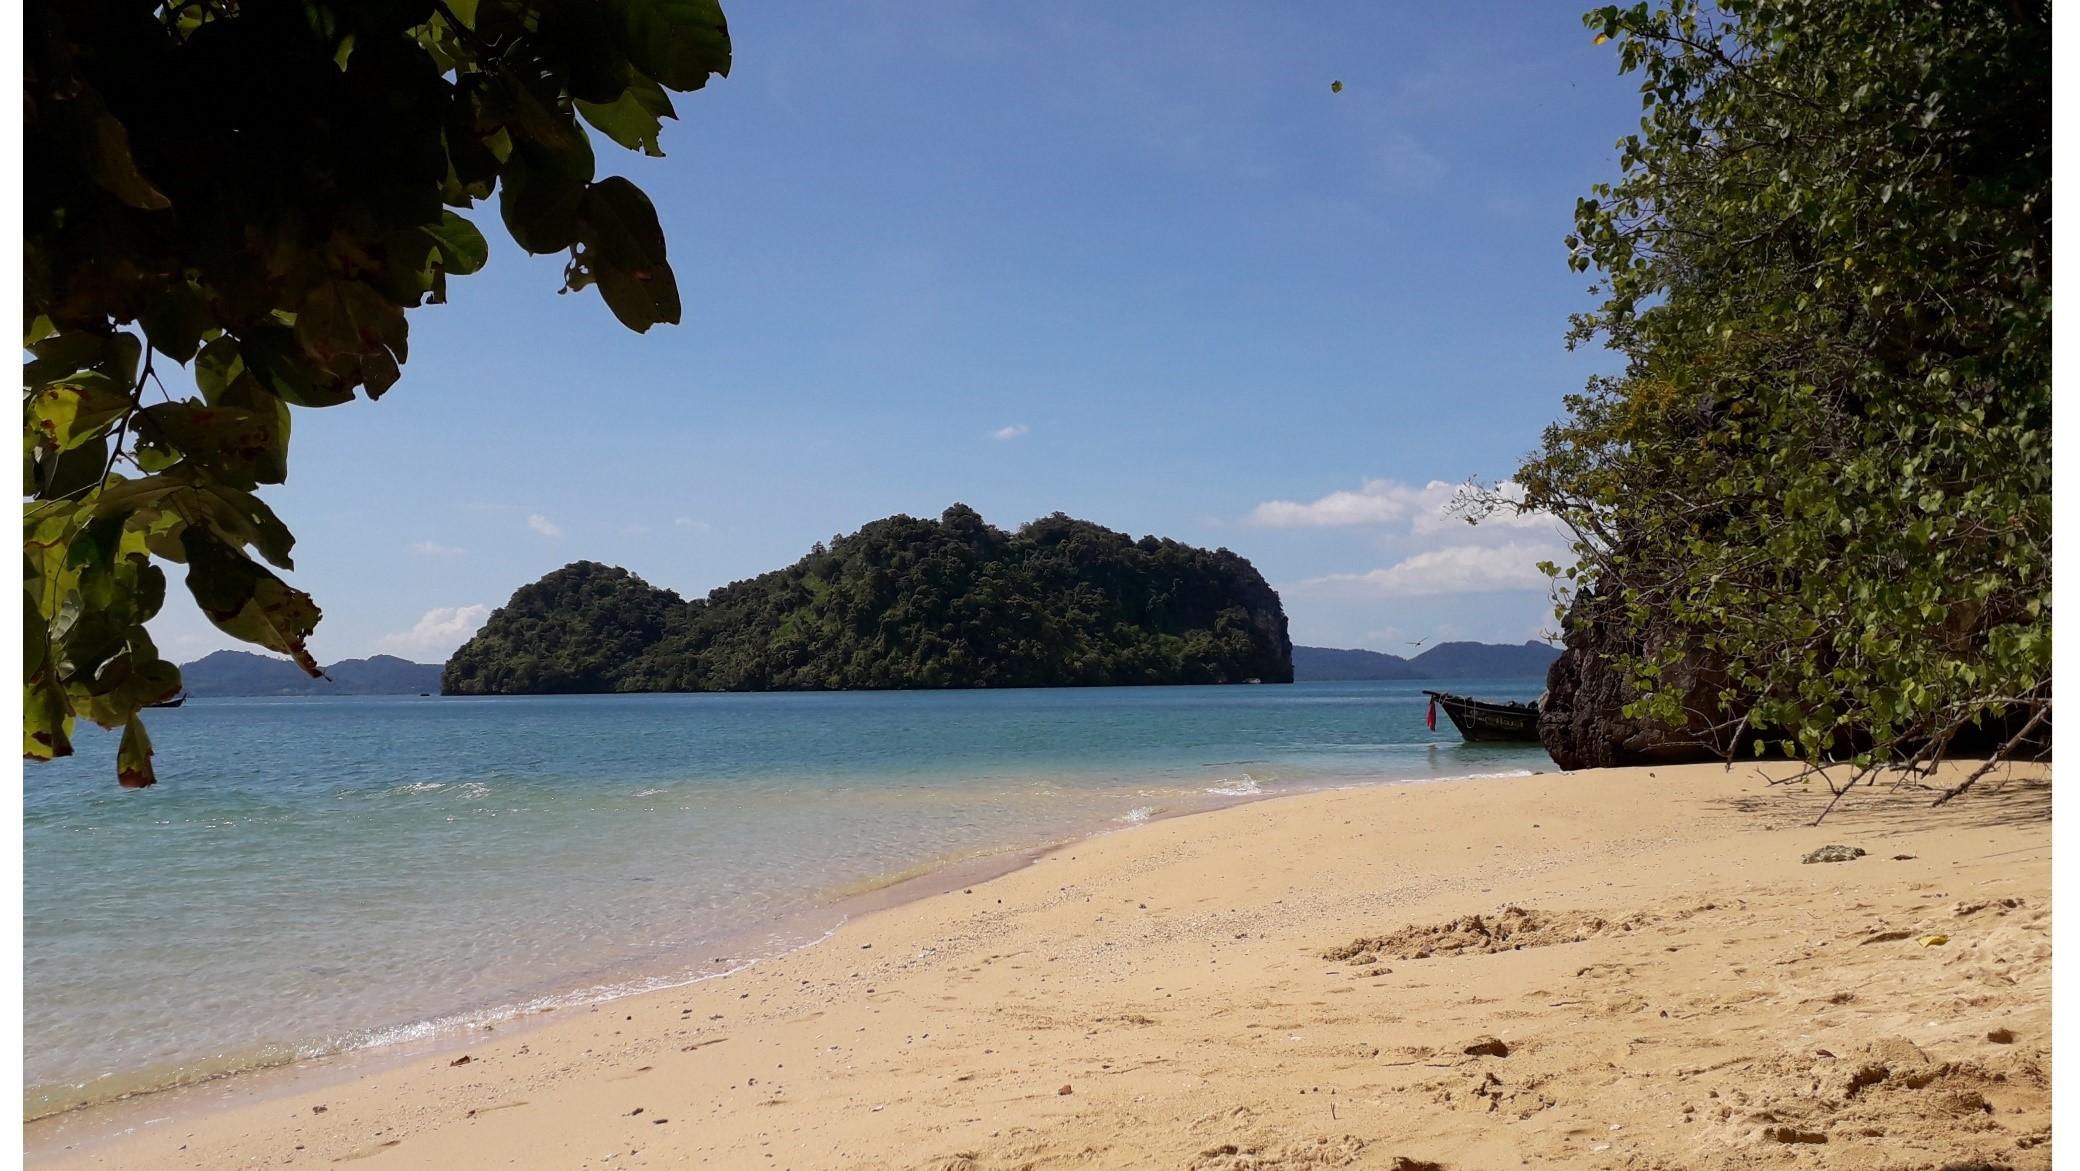 une plage déserte dans la baie de Phang Nga